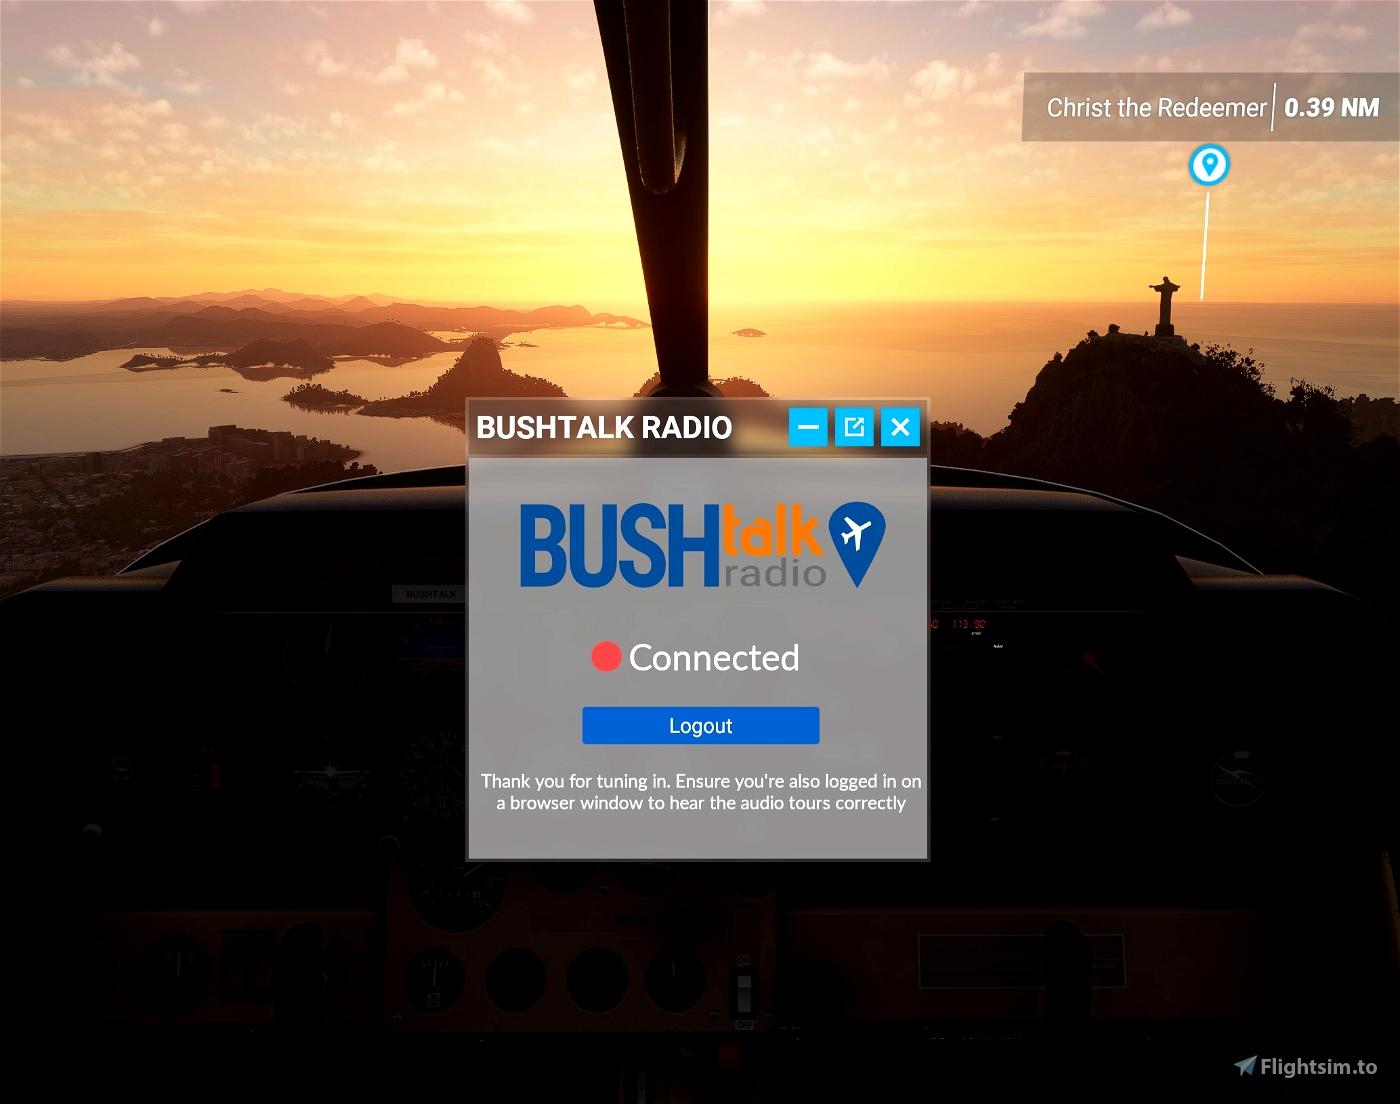 Bushtalk Radio Client: Audio tours from your cockpit